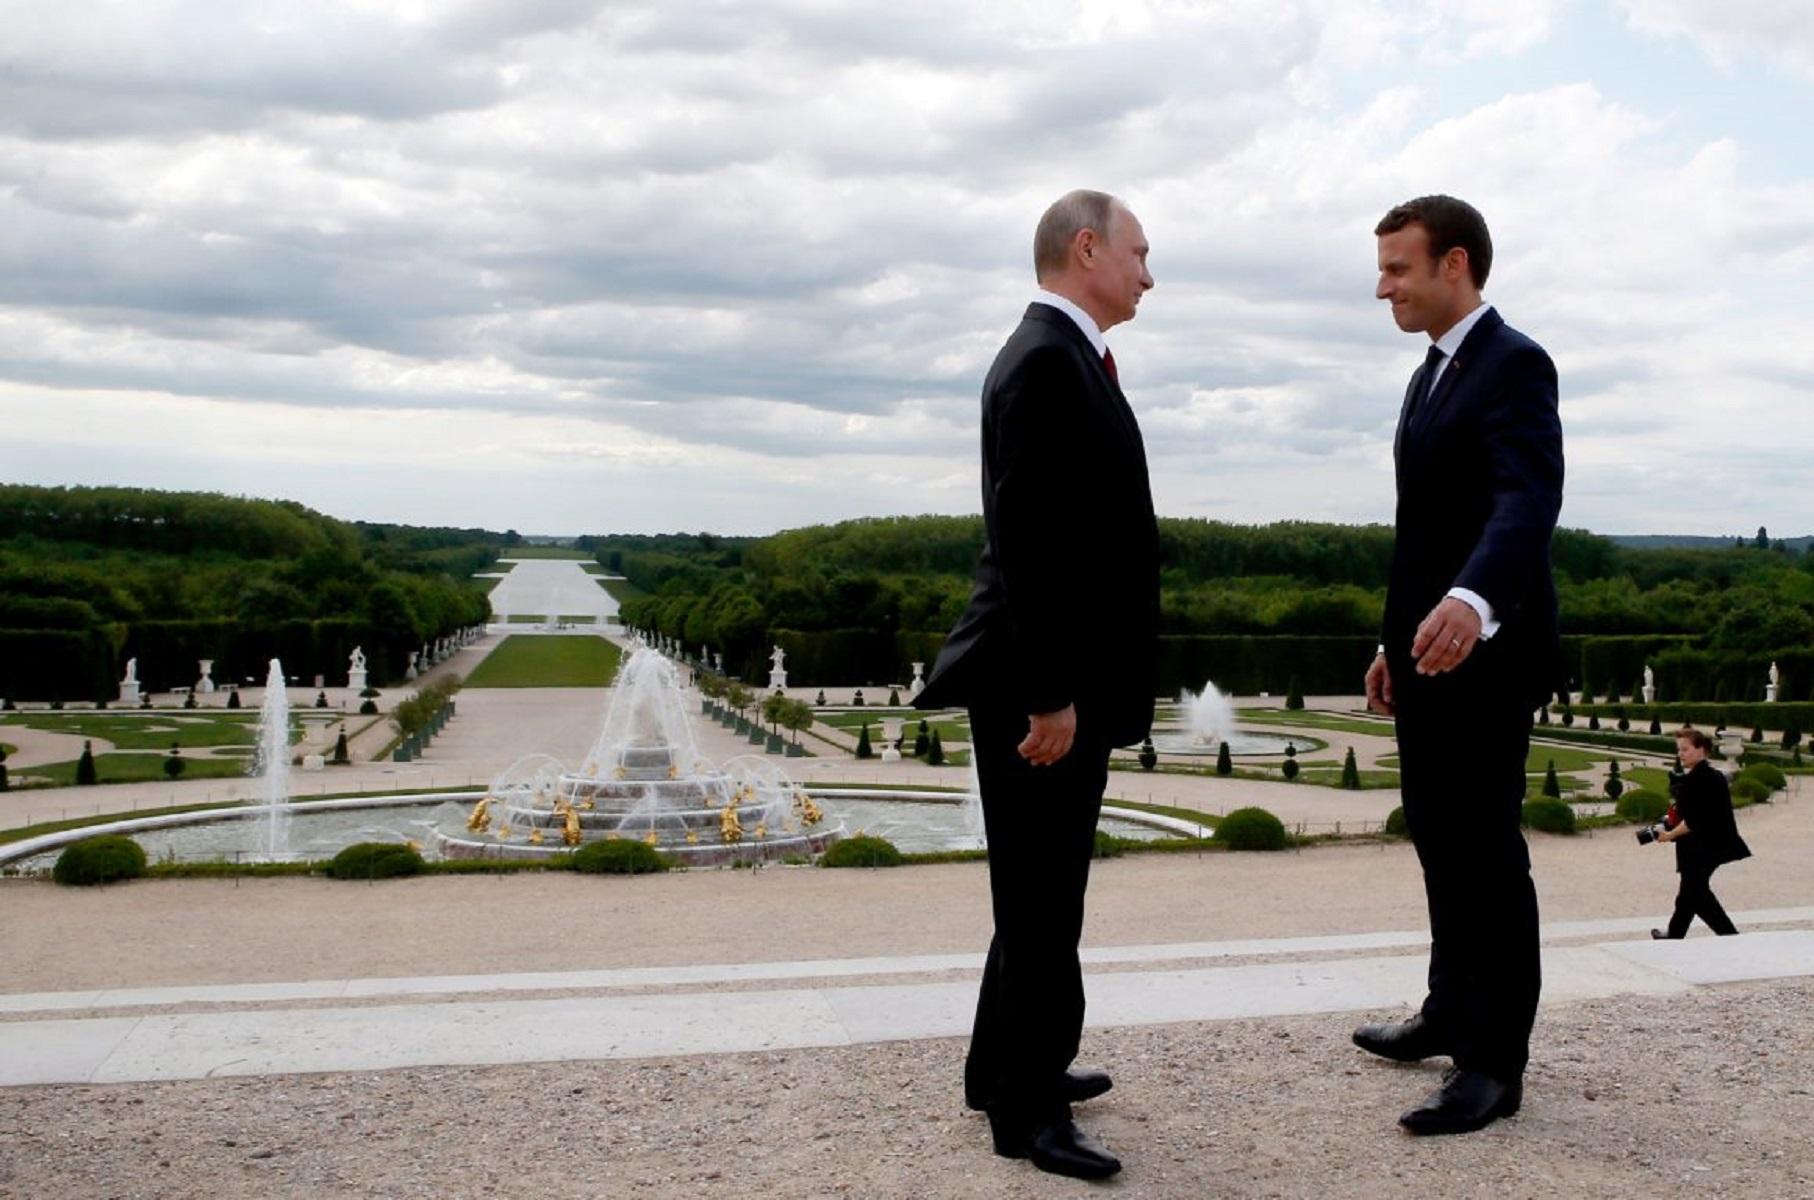 Э.Макрон прокомментировал встречу с В.Путиным